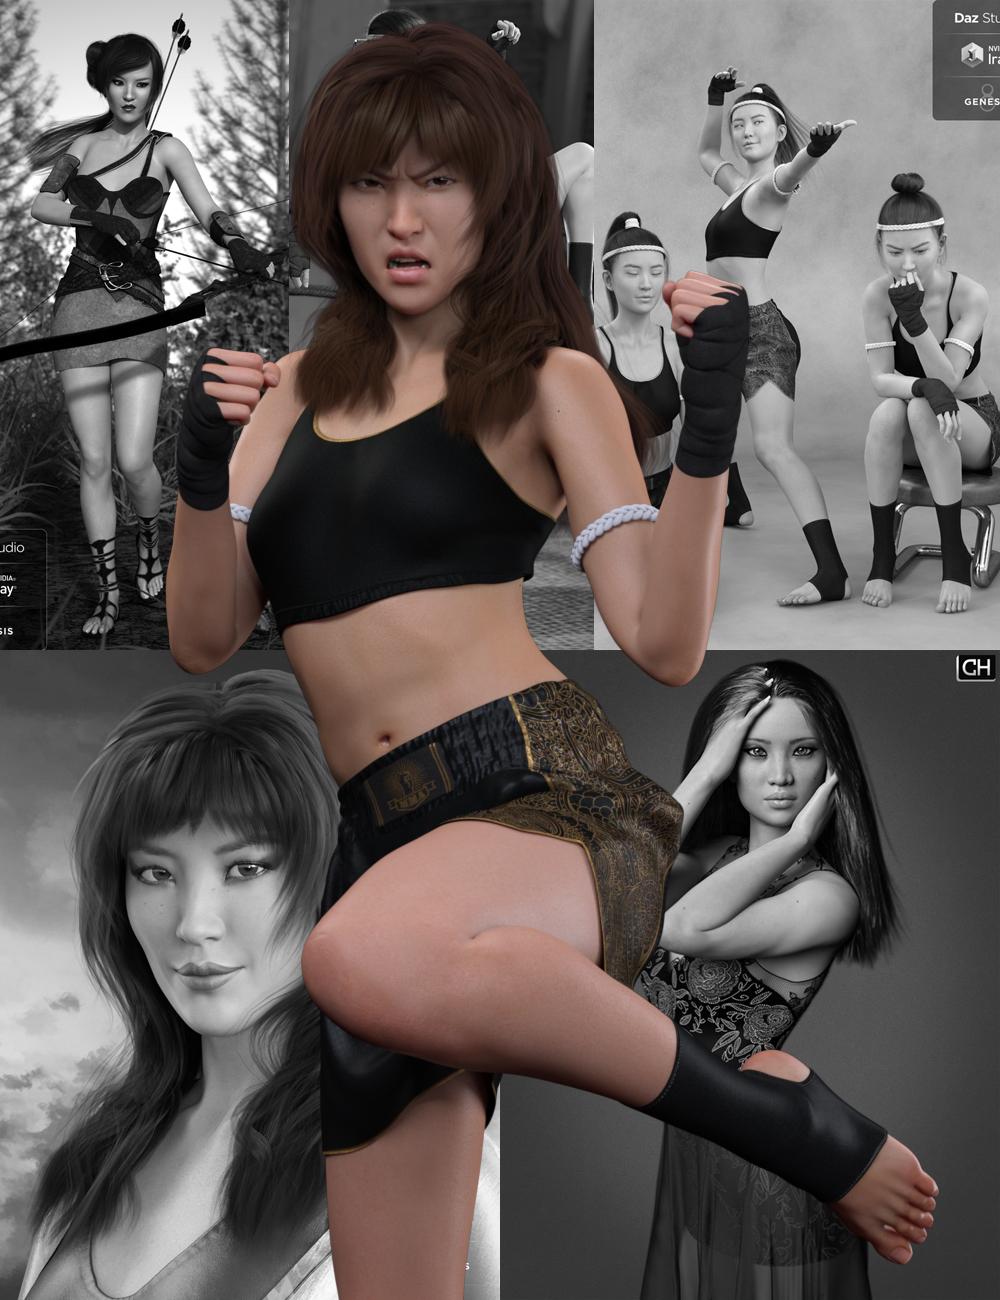 Mei Lin 8 Starter Bundle by: , 3D Models by Daz 3D